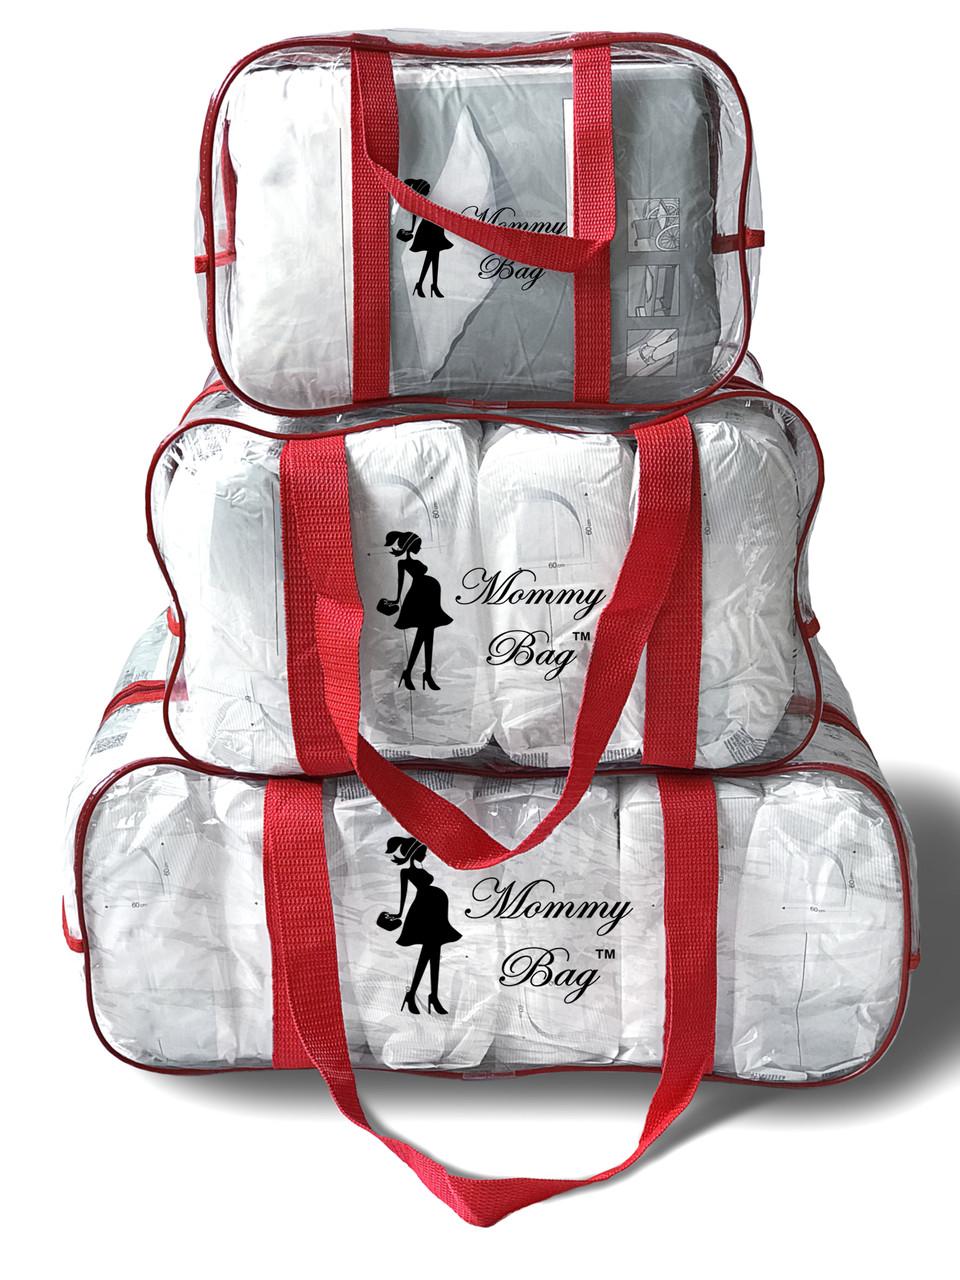 Набор из 3 прозрачных сумок в роддом Mommy Bag сумка - S,M,L - Красные